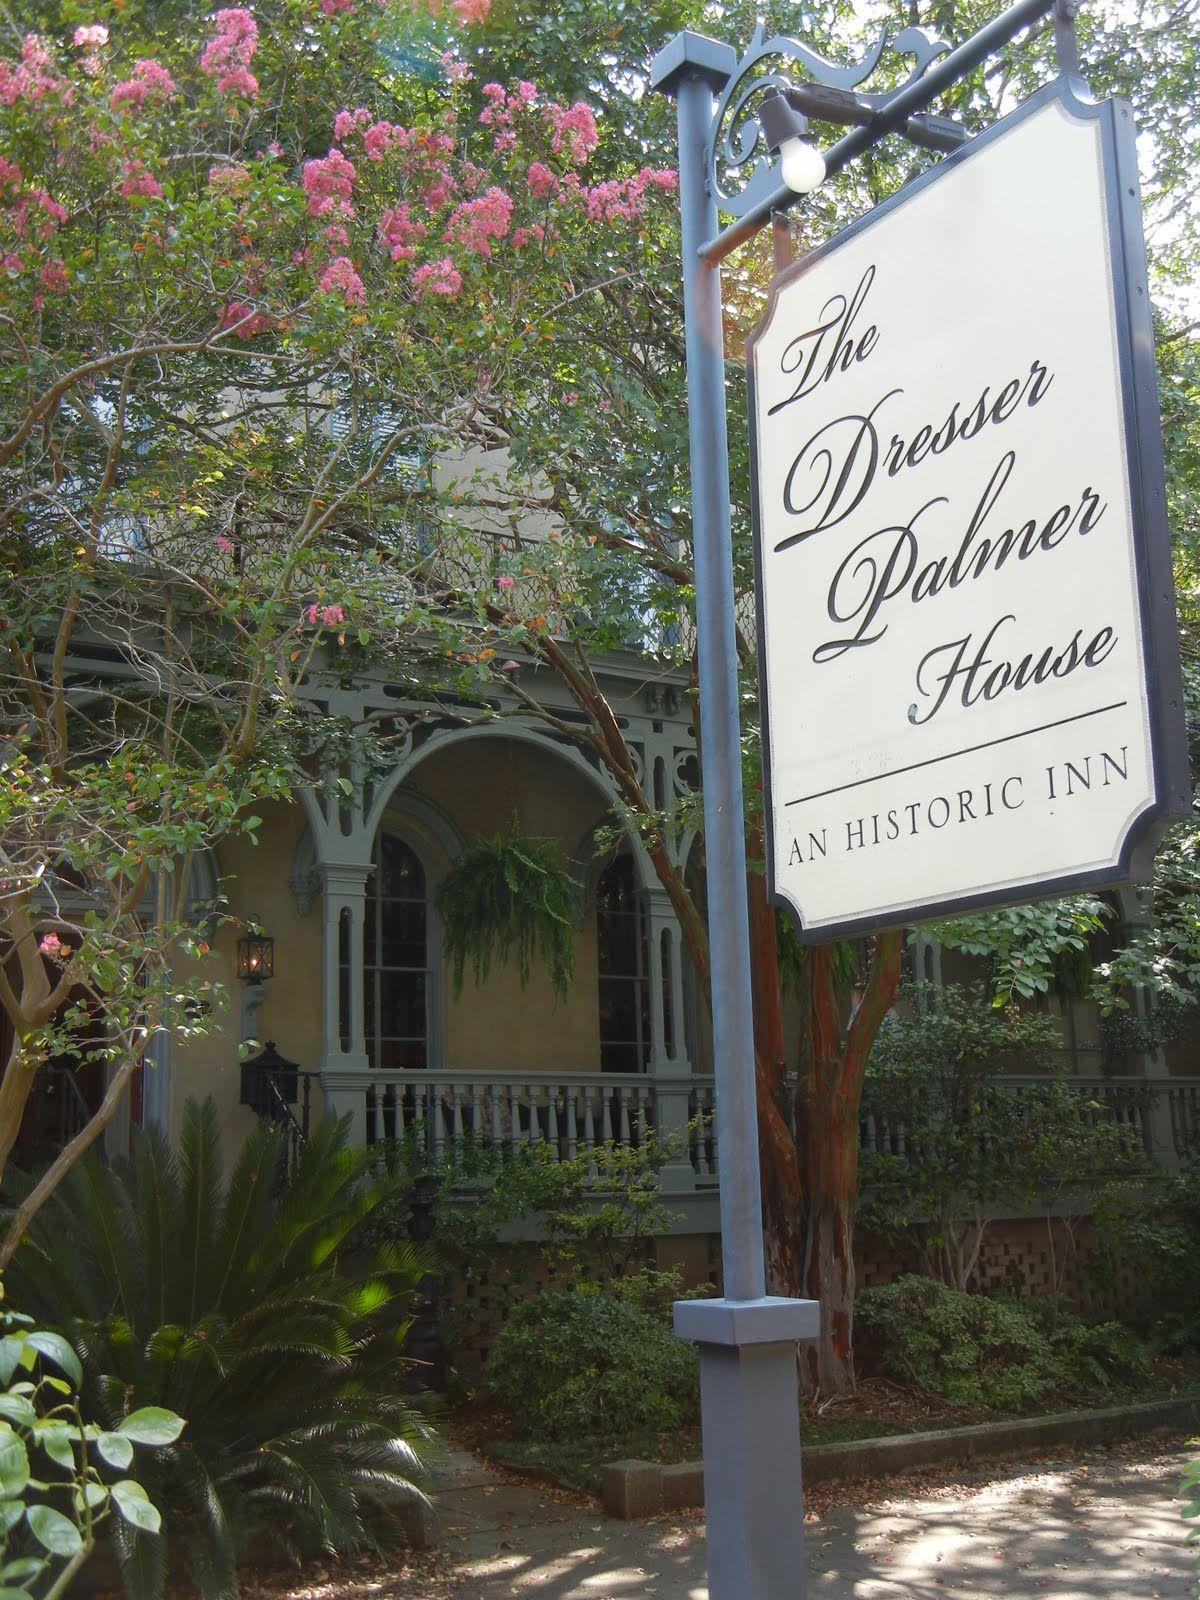 Dresser Palmer House In Savannah Georgia